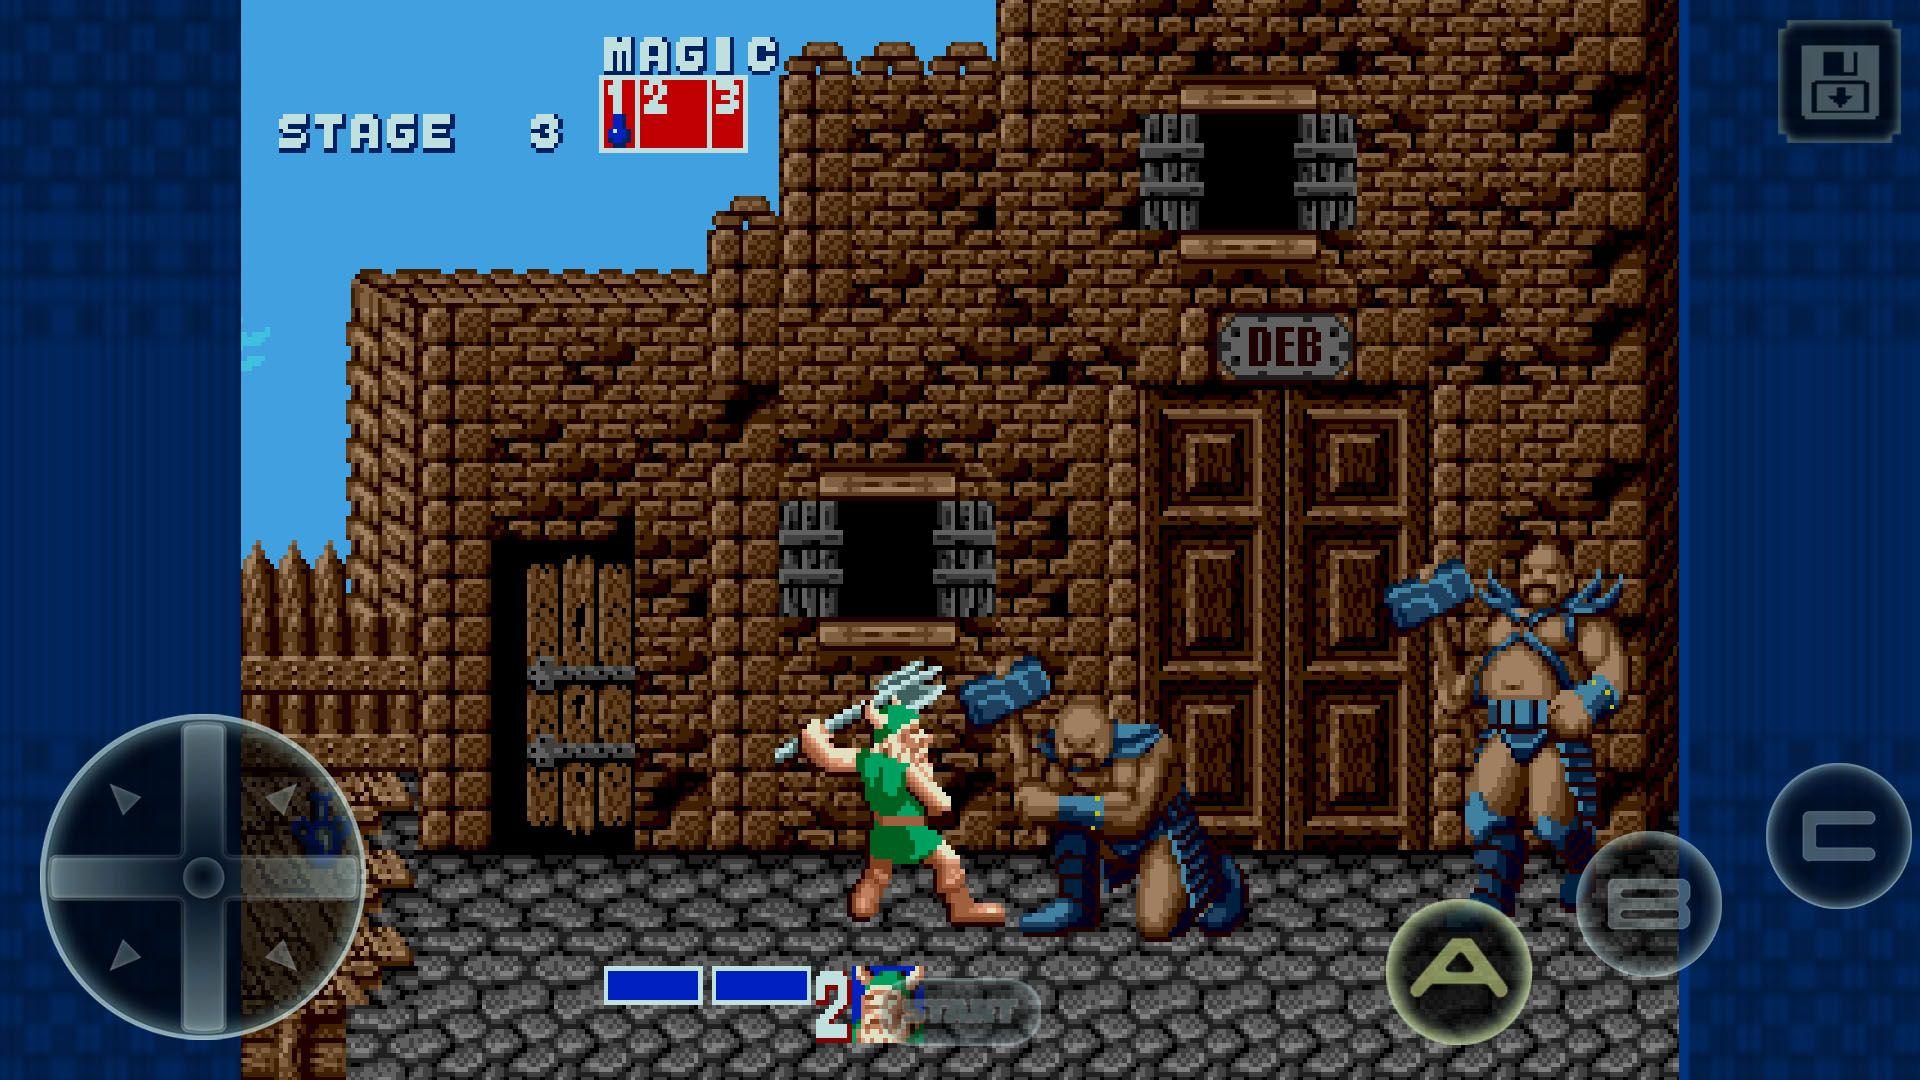 golden axe screenshot El mítico Golden Axe ya está disponible para Android